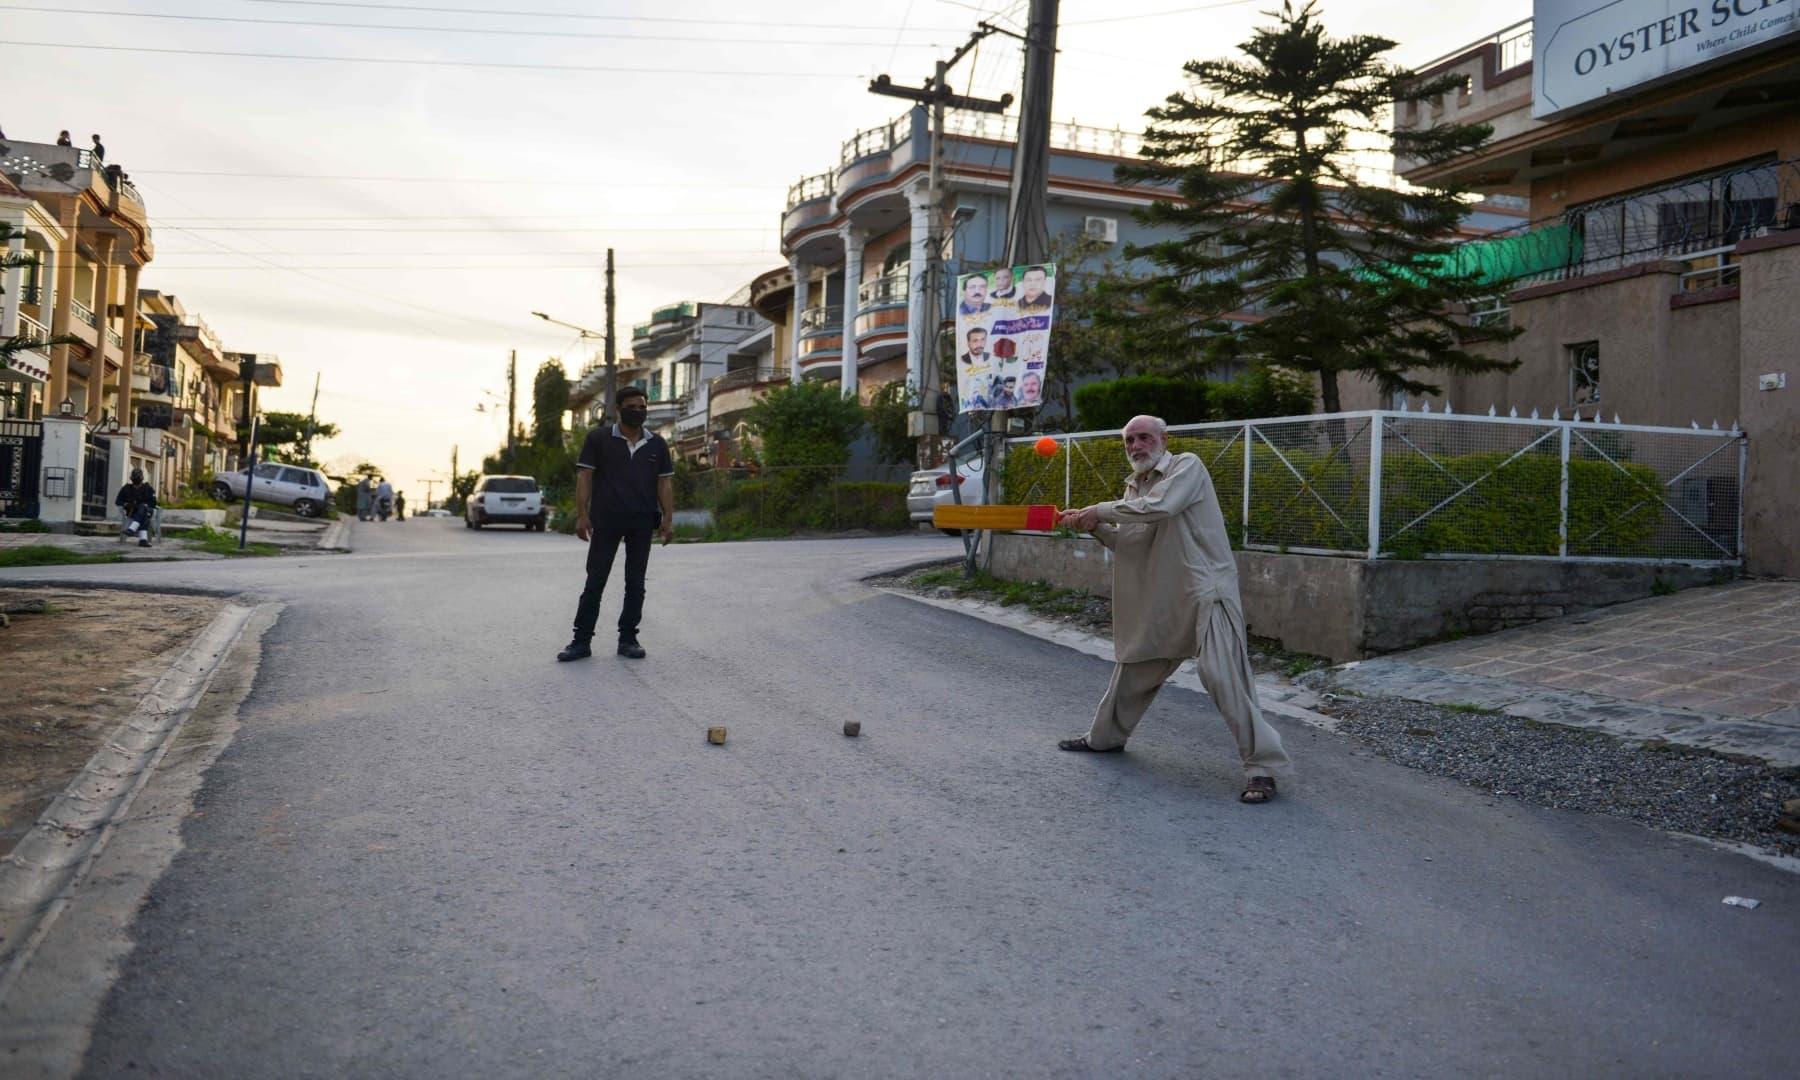 ایک عمر رسیدہ شخص اسلام آباد کی سڑک پر کرکٹ کھیل رہے ہیں – فوٹو: اے ایف پی